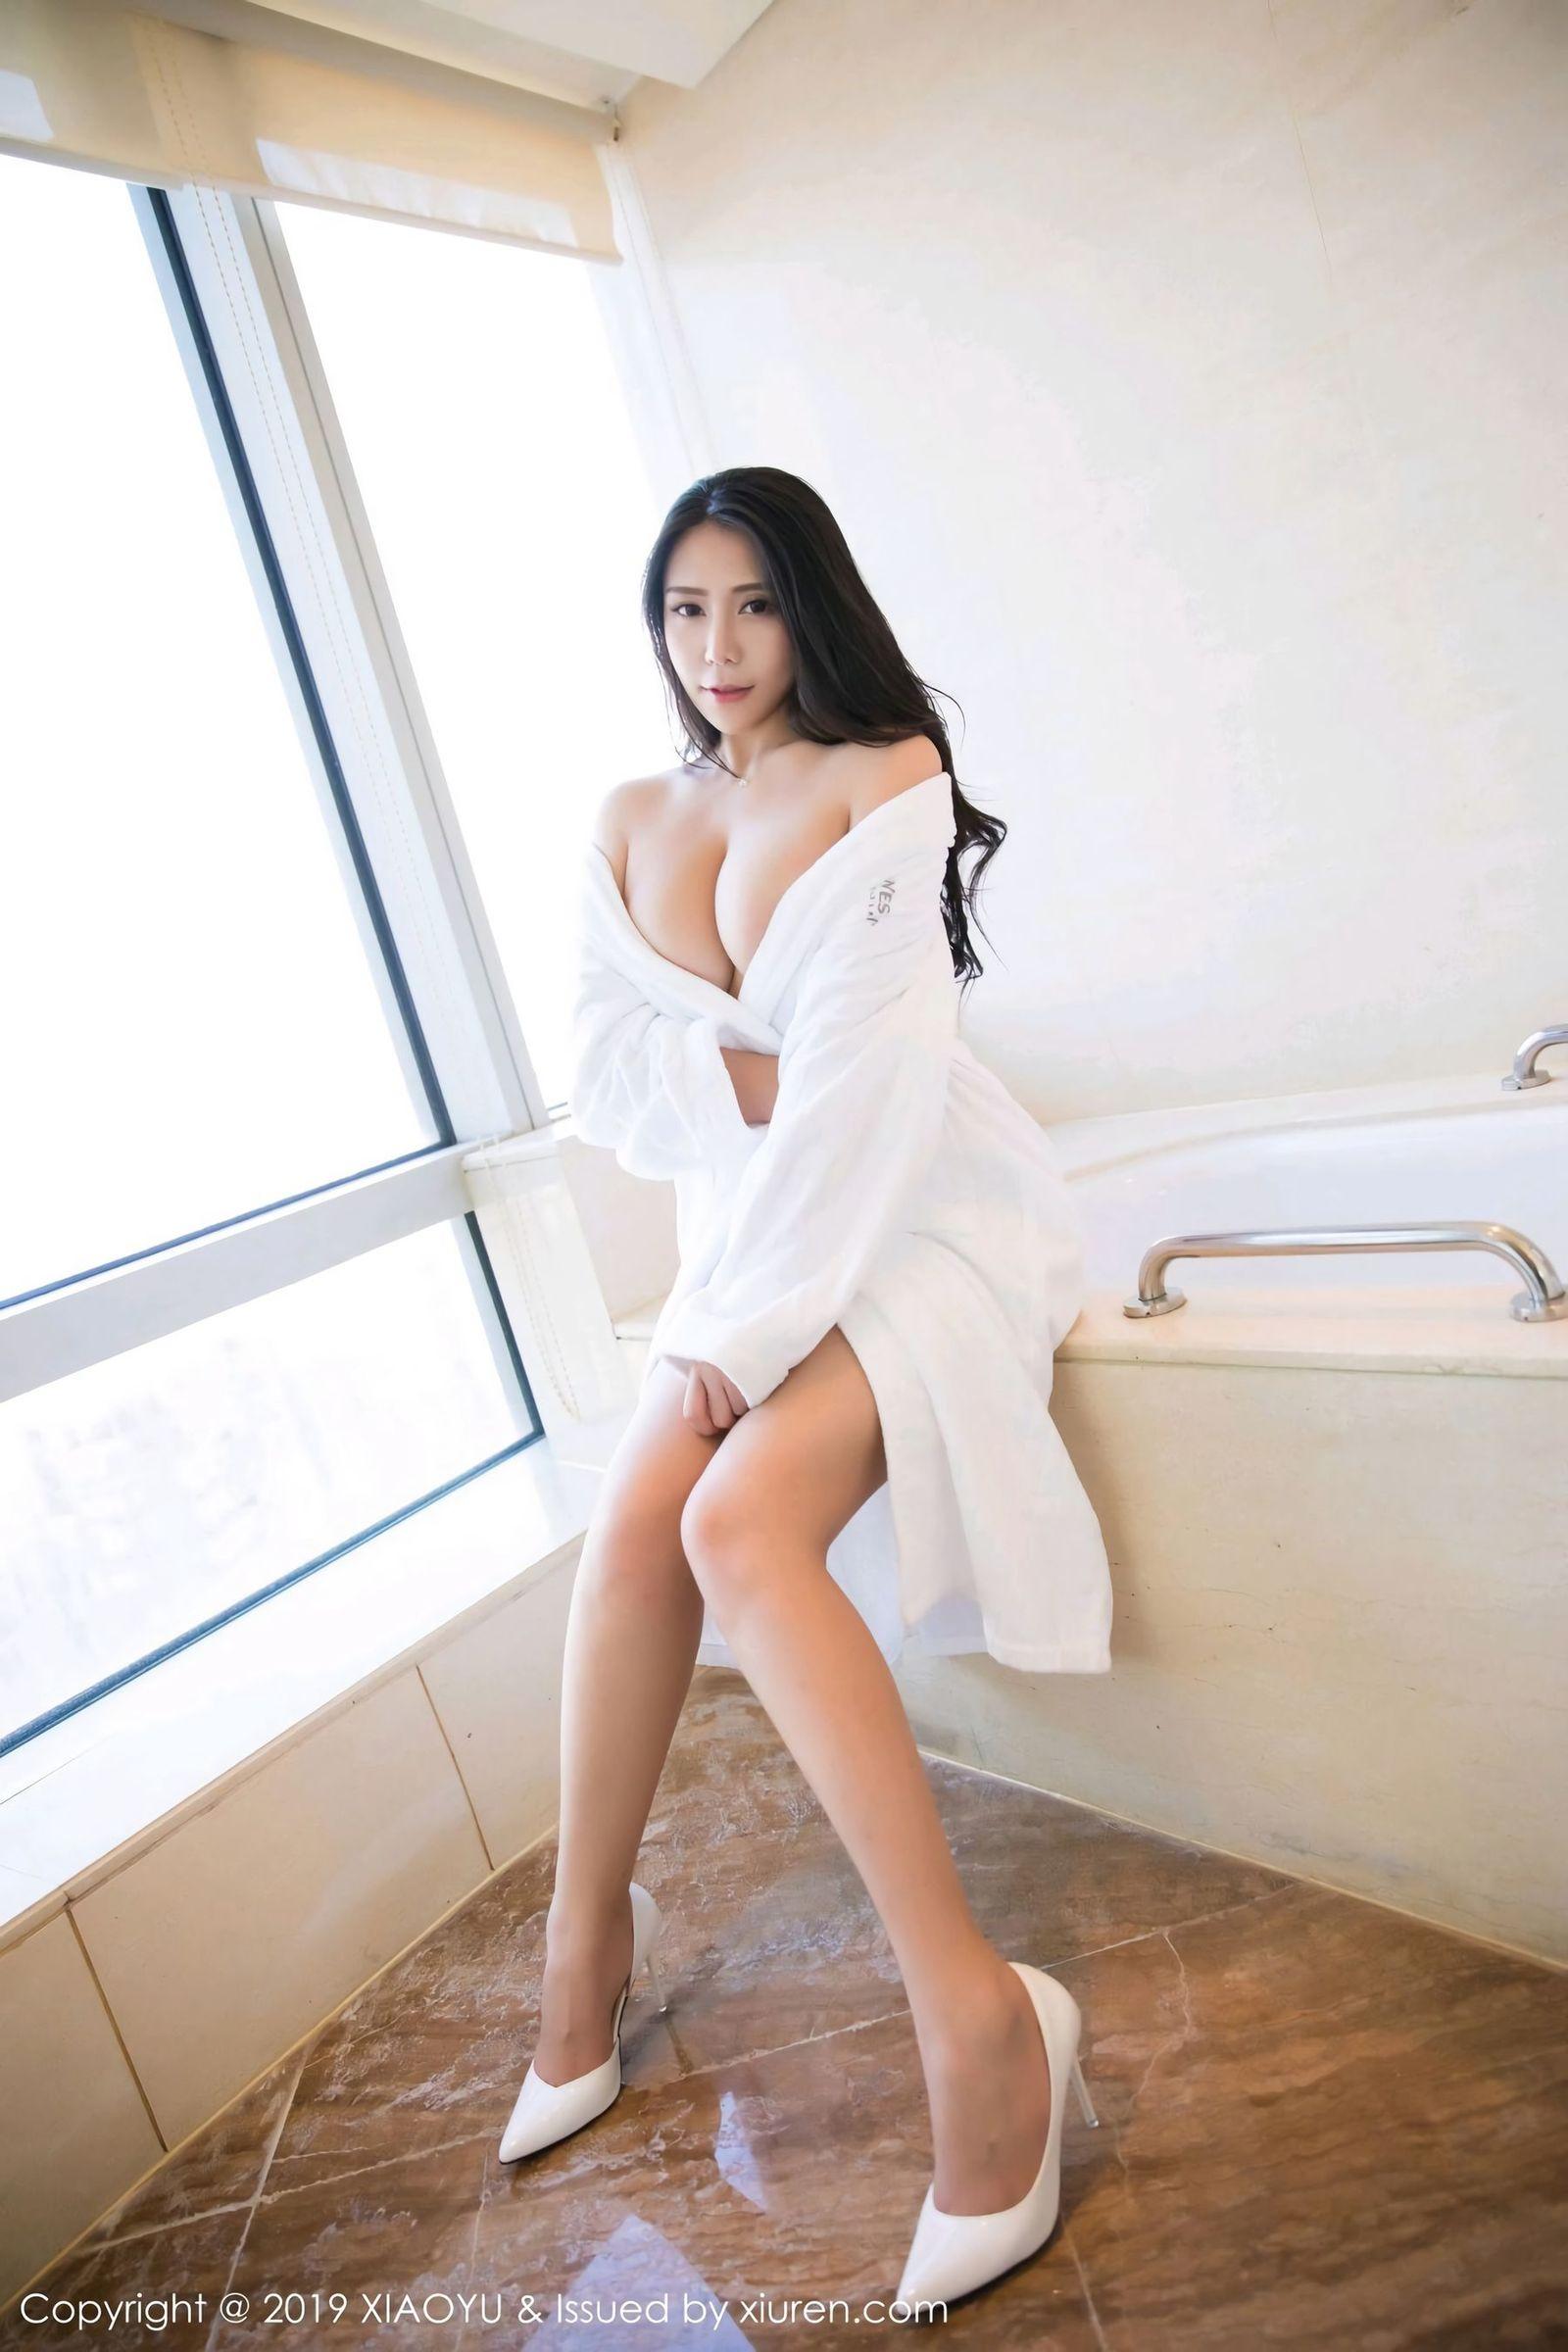 [XIAOYU语画界] Vol.136 模特@安可儿最新性感写真